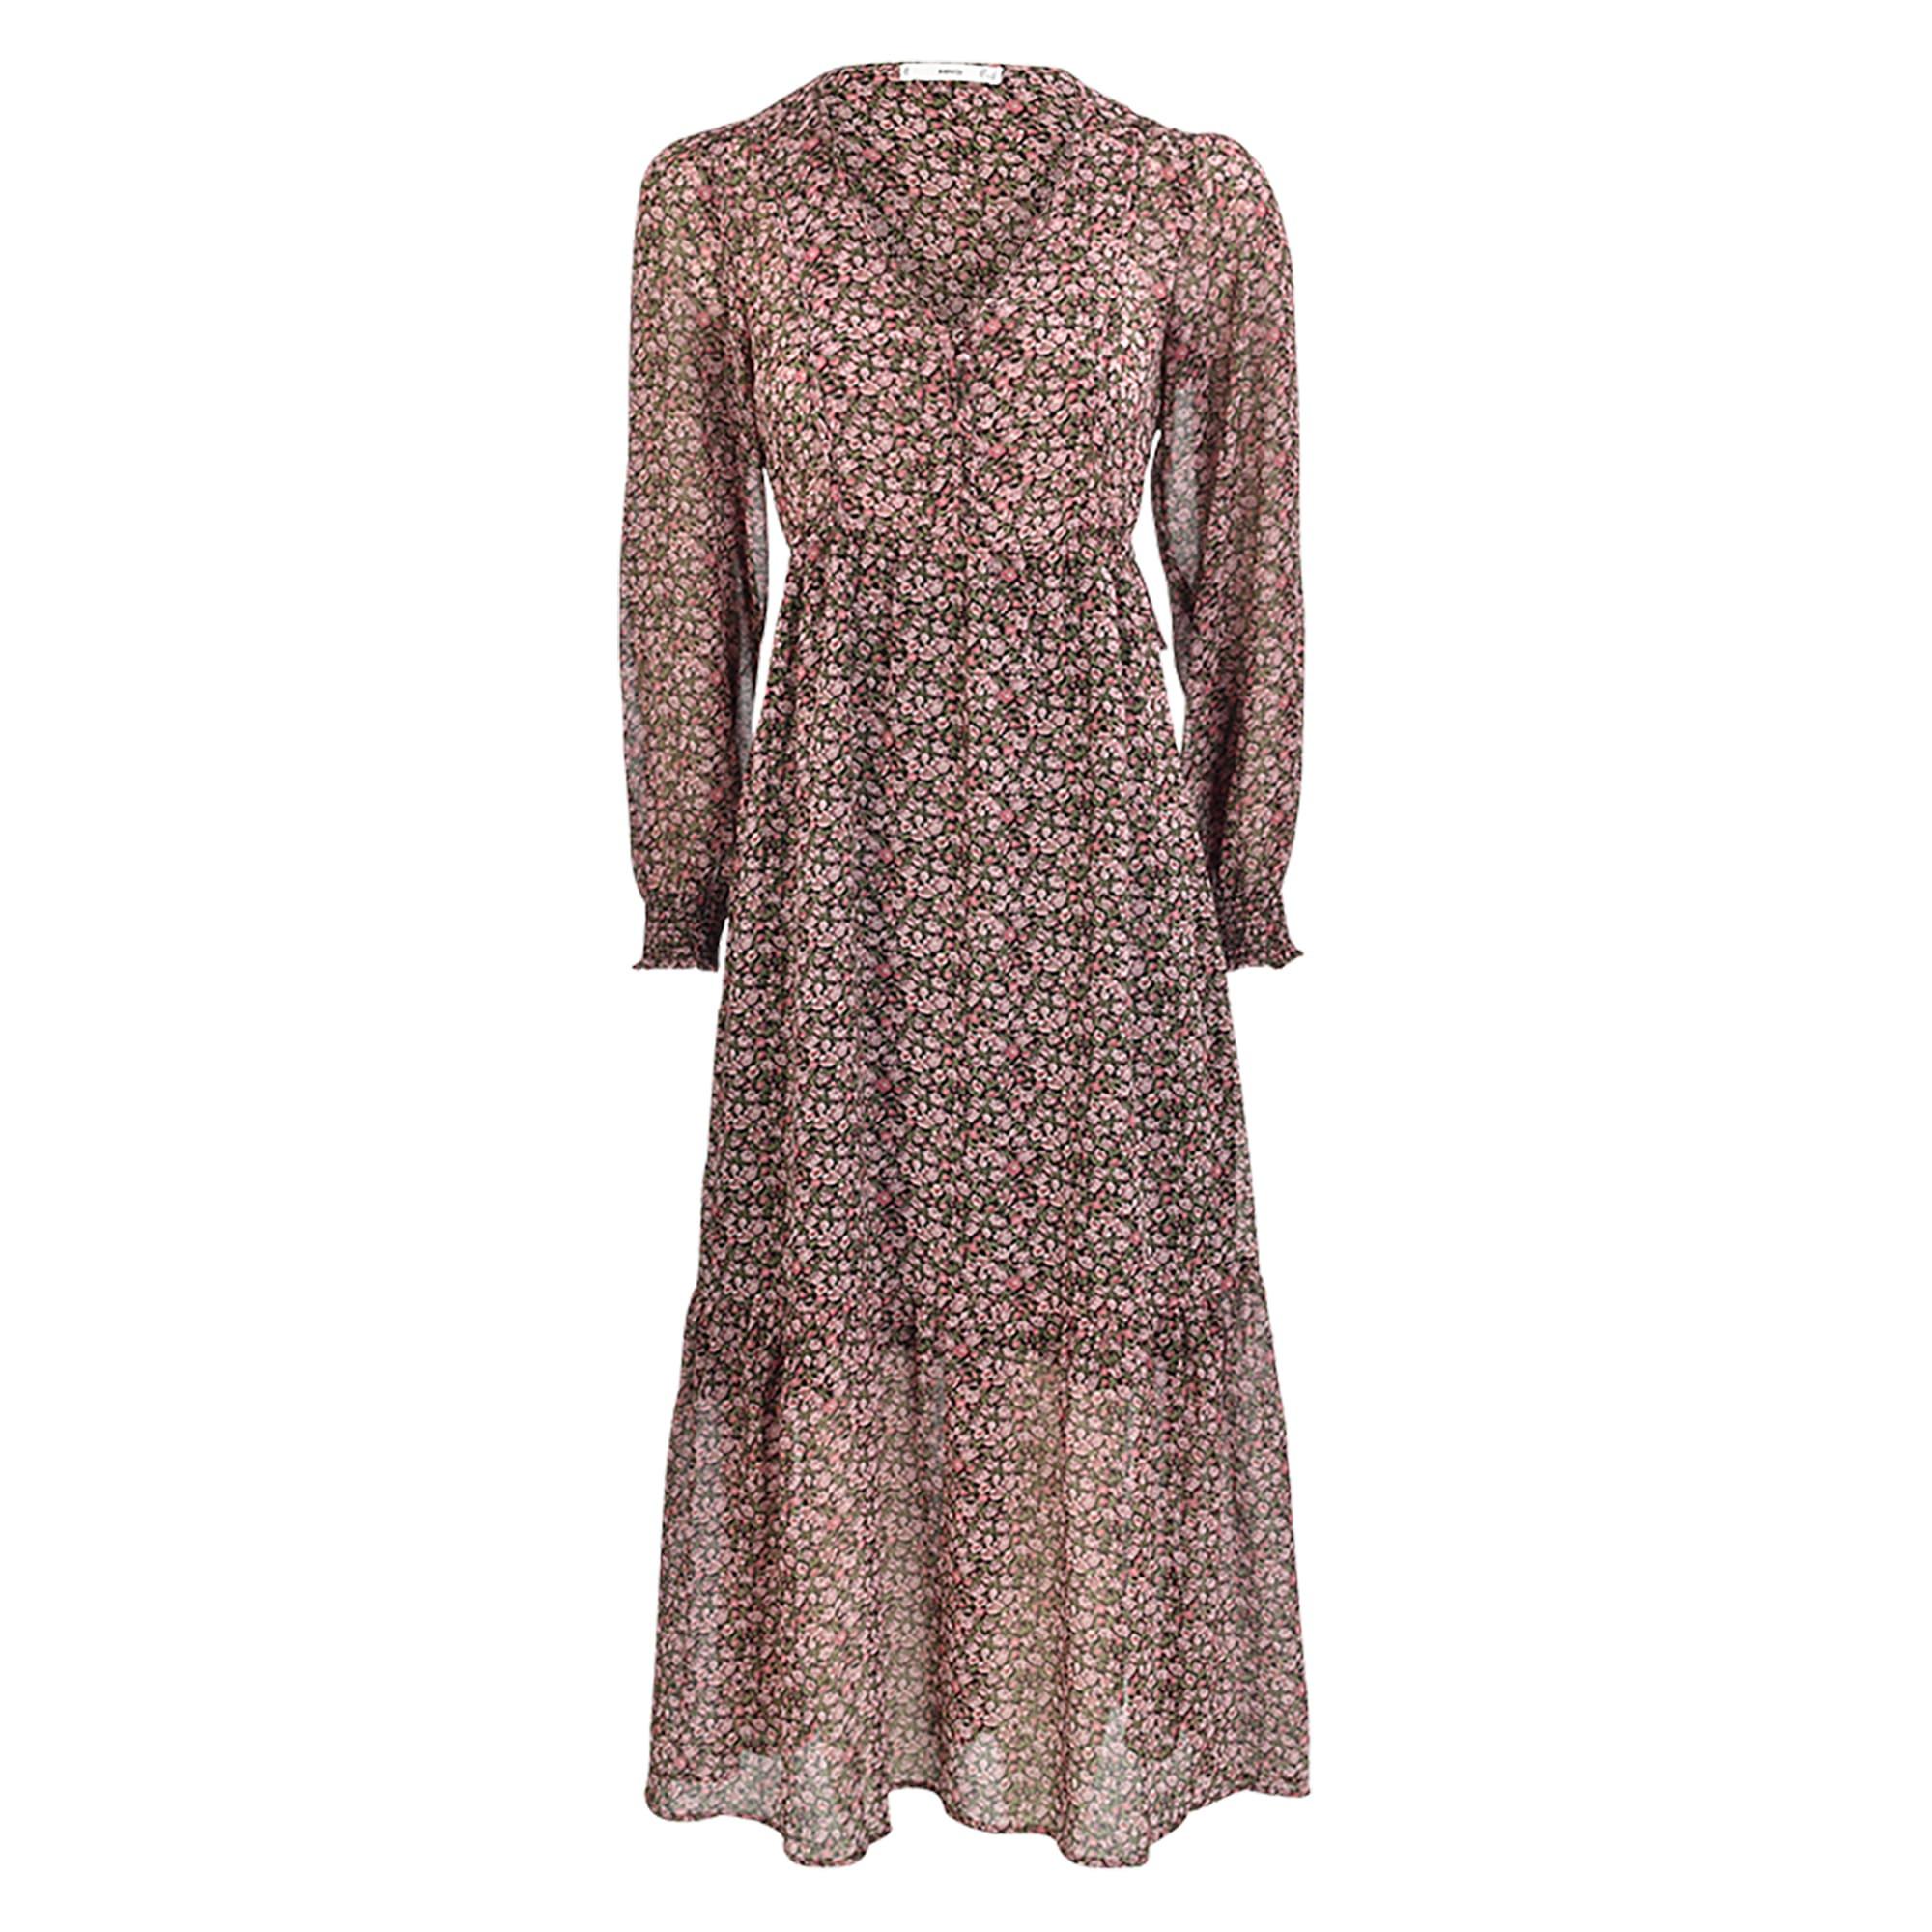 Kleid Regular Fit Ditsie Online Im Shop Bei Meinfischer De Kaufen Mein Fischer